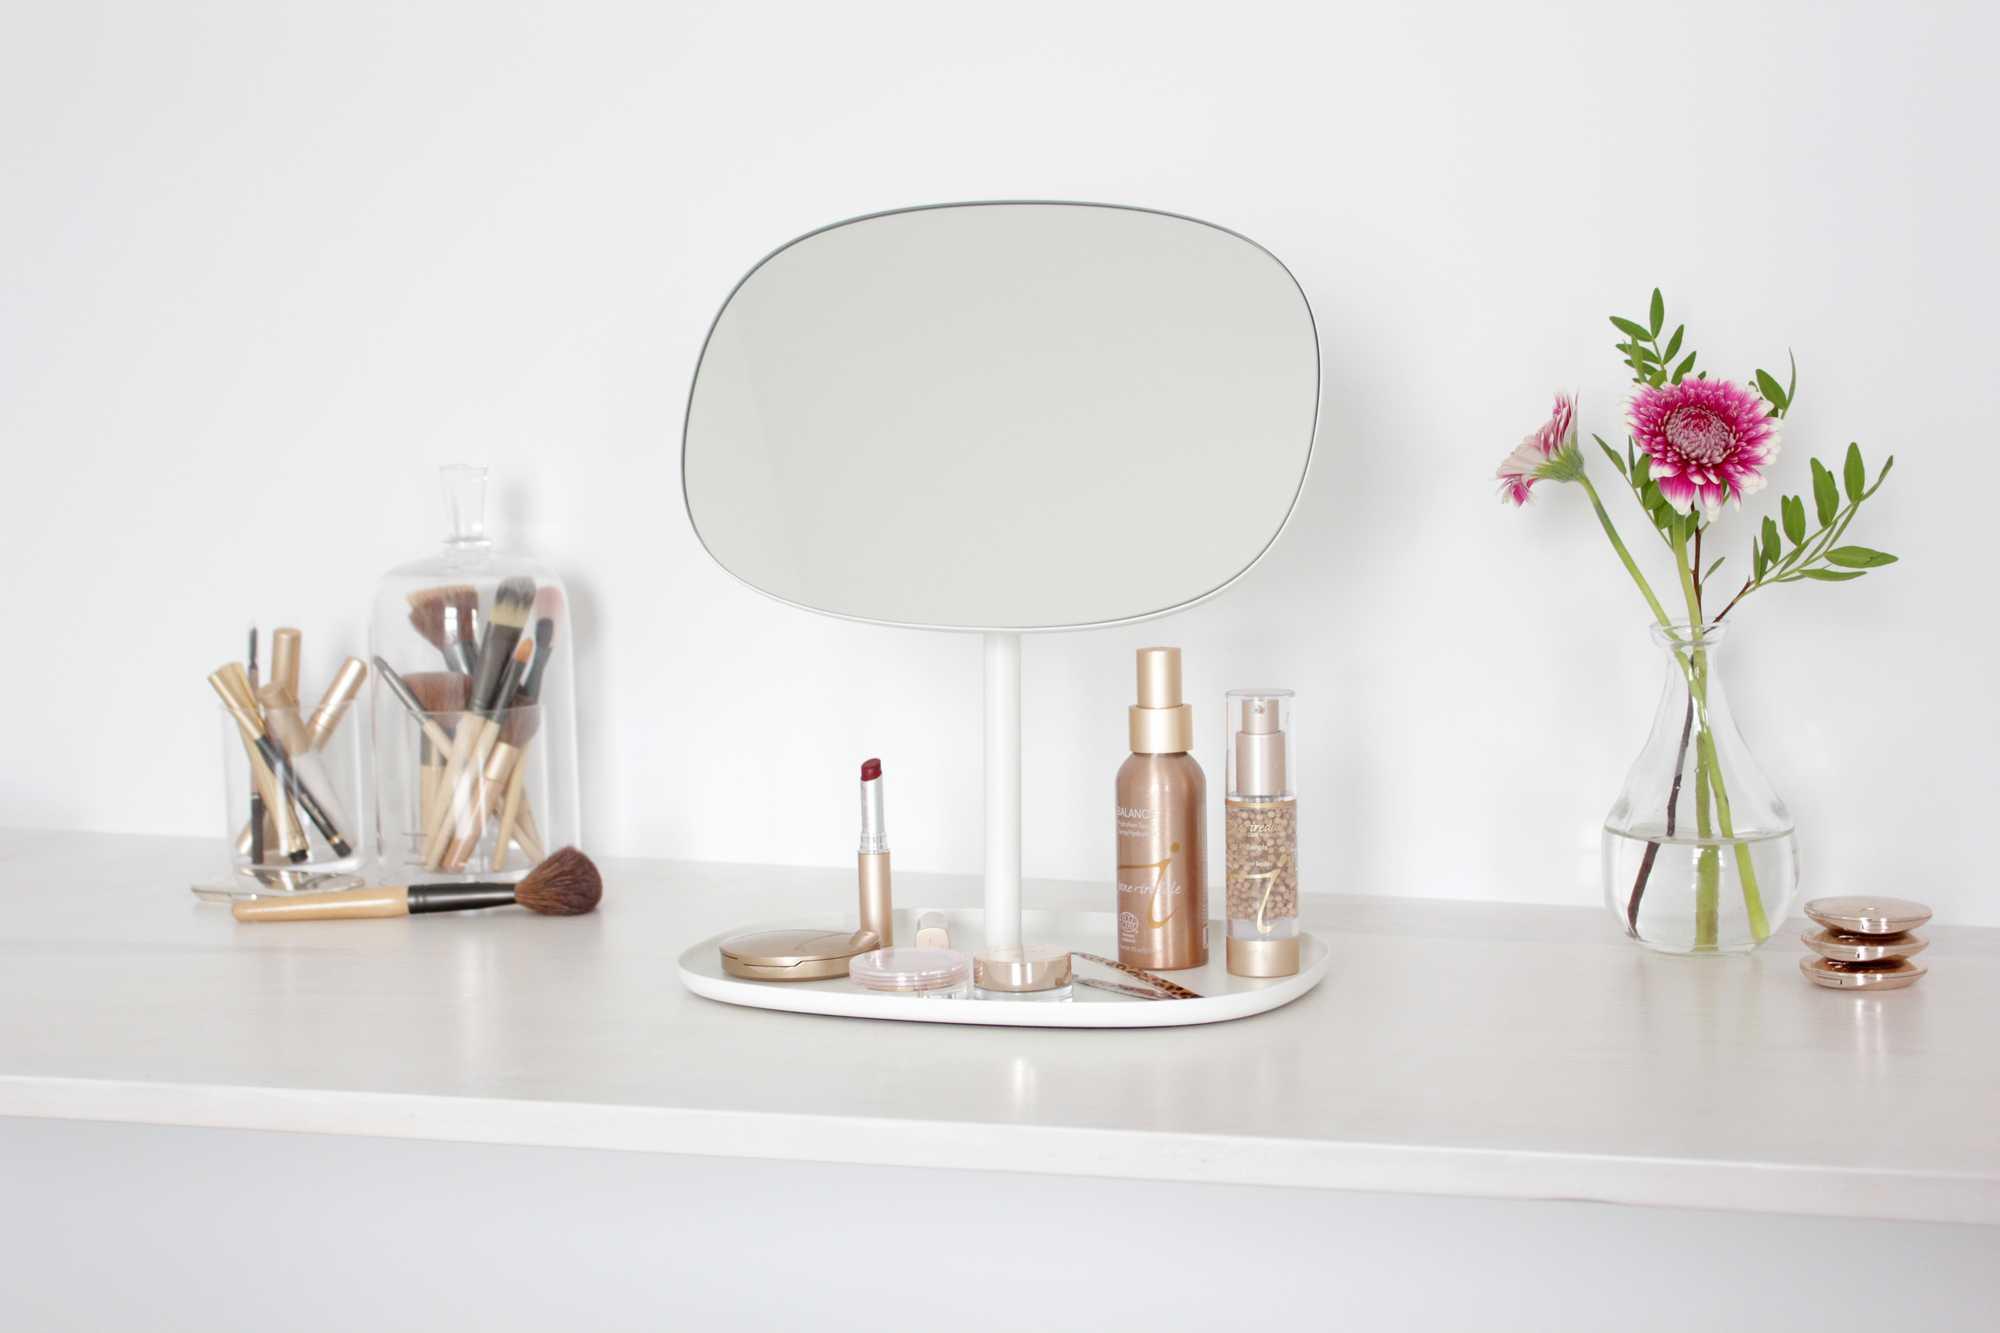 projet home make-uptafel diy